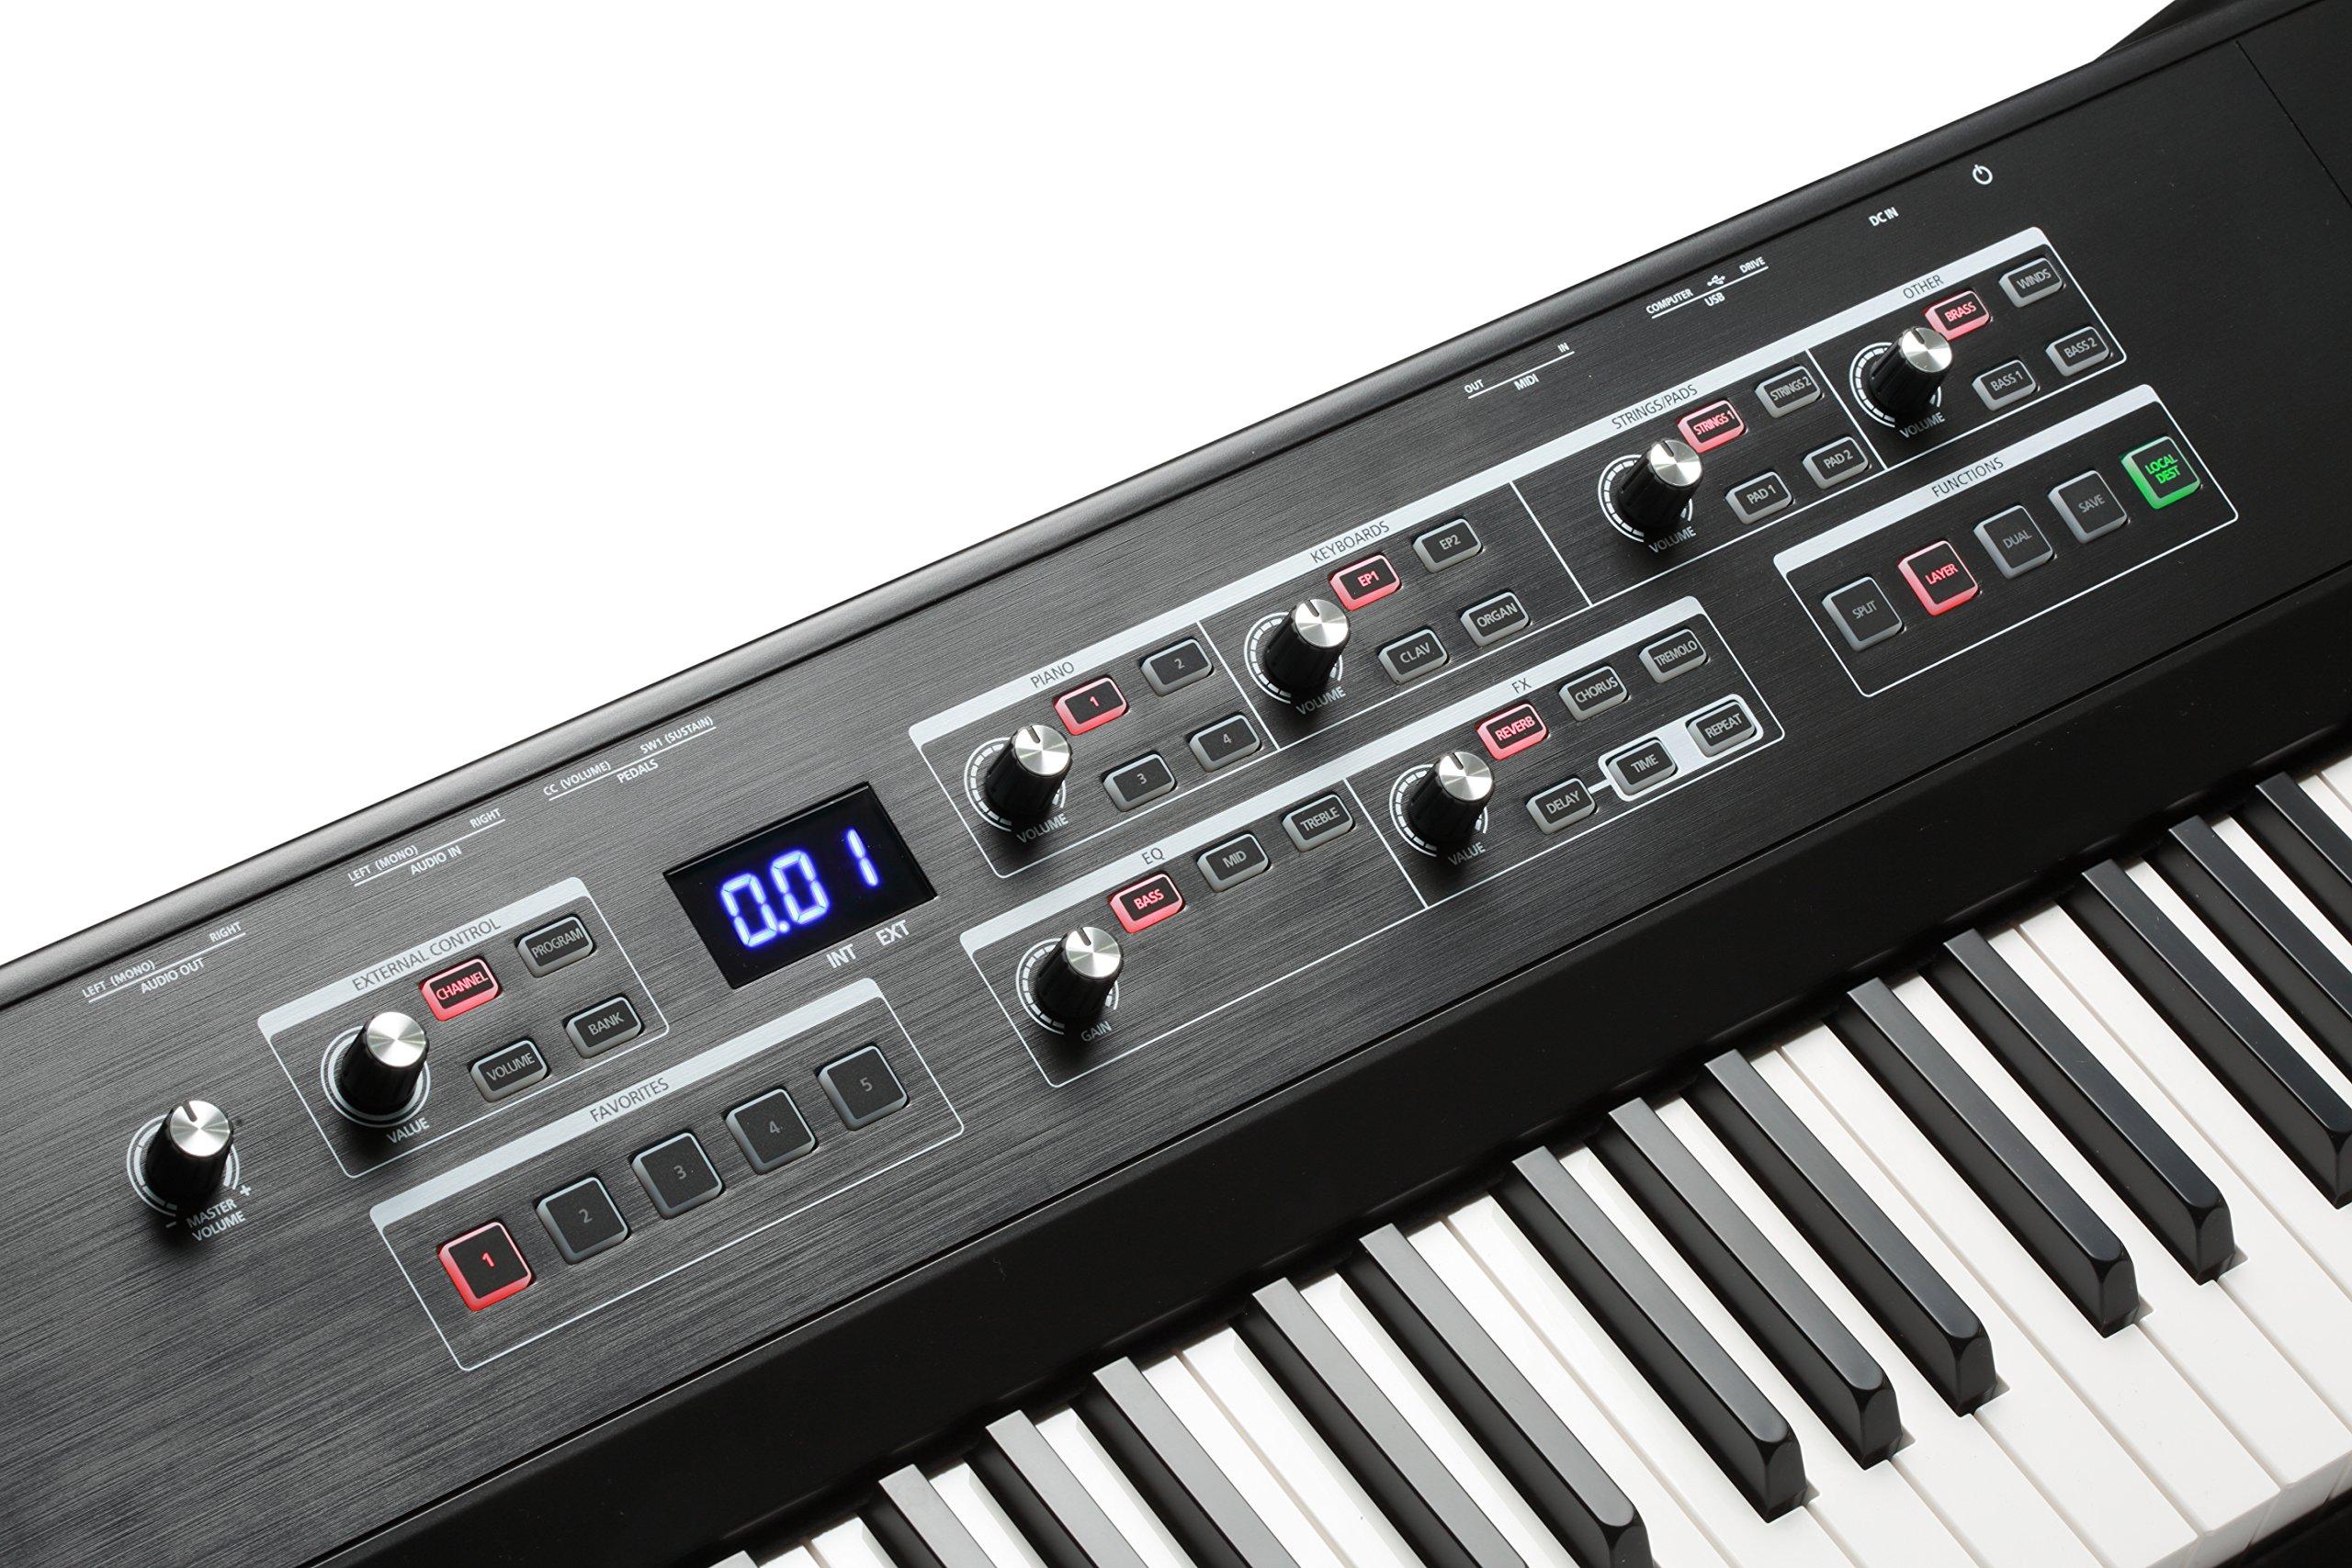 Kurzweil SP1 88-Key Stage Piano, Black (SP1-LB) by Kurzweil (Image #16)